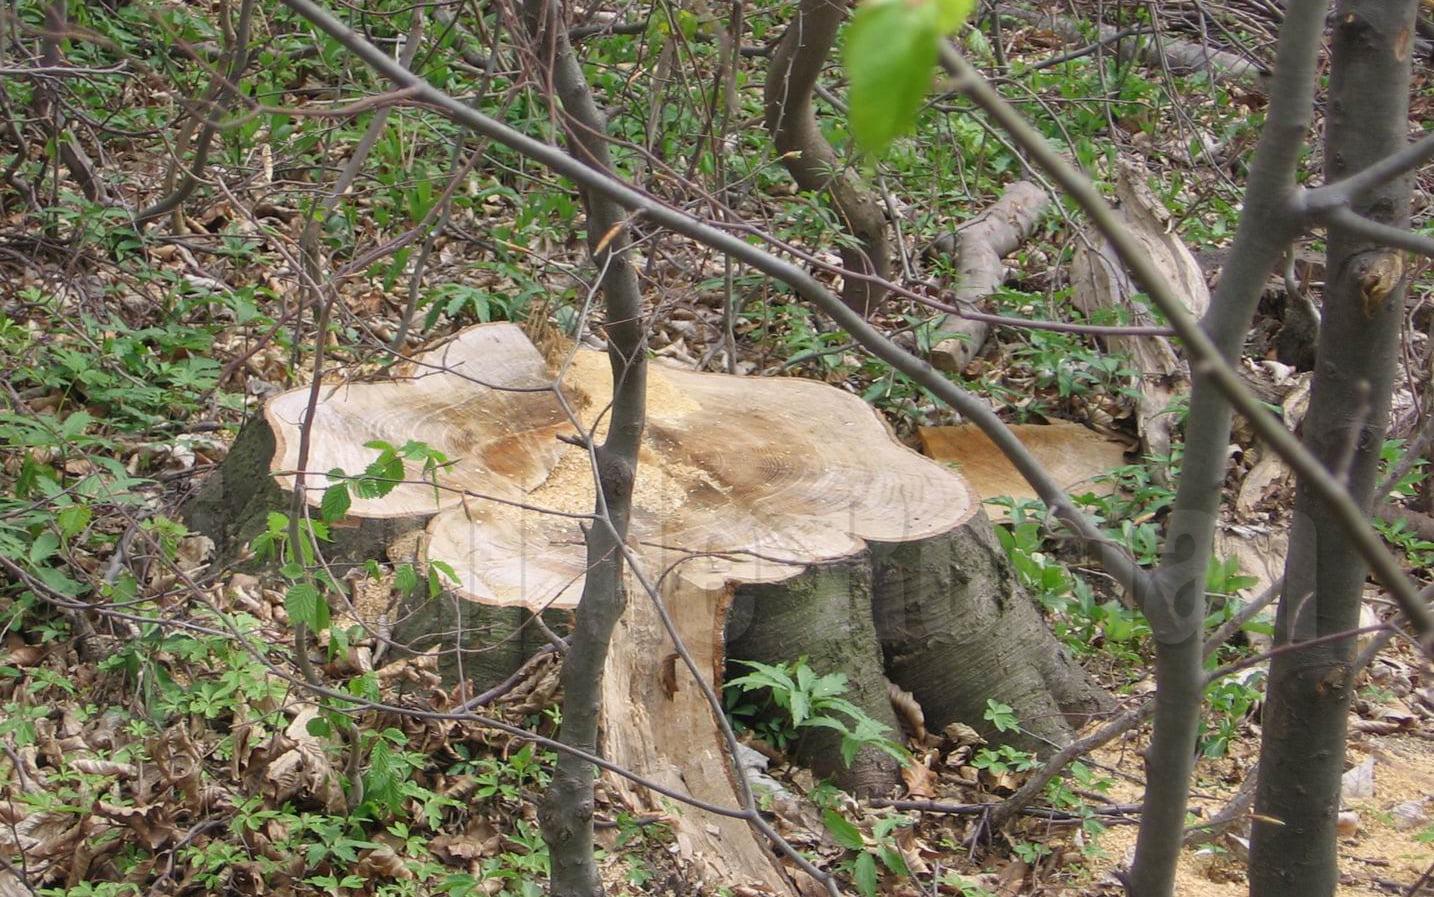 A fost aprobat noul Cod Silvic. Furtul de arbori va intra direct sub incidență penală